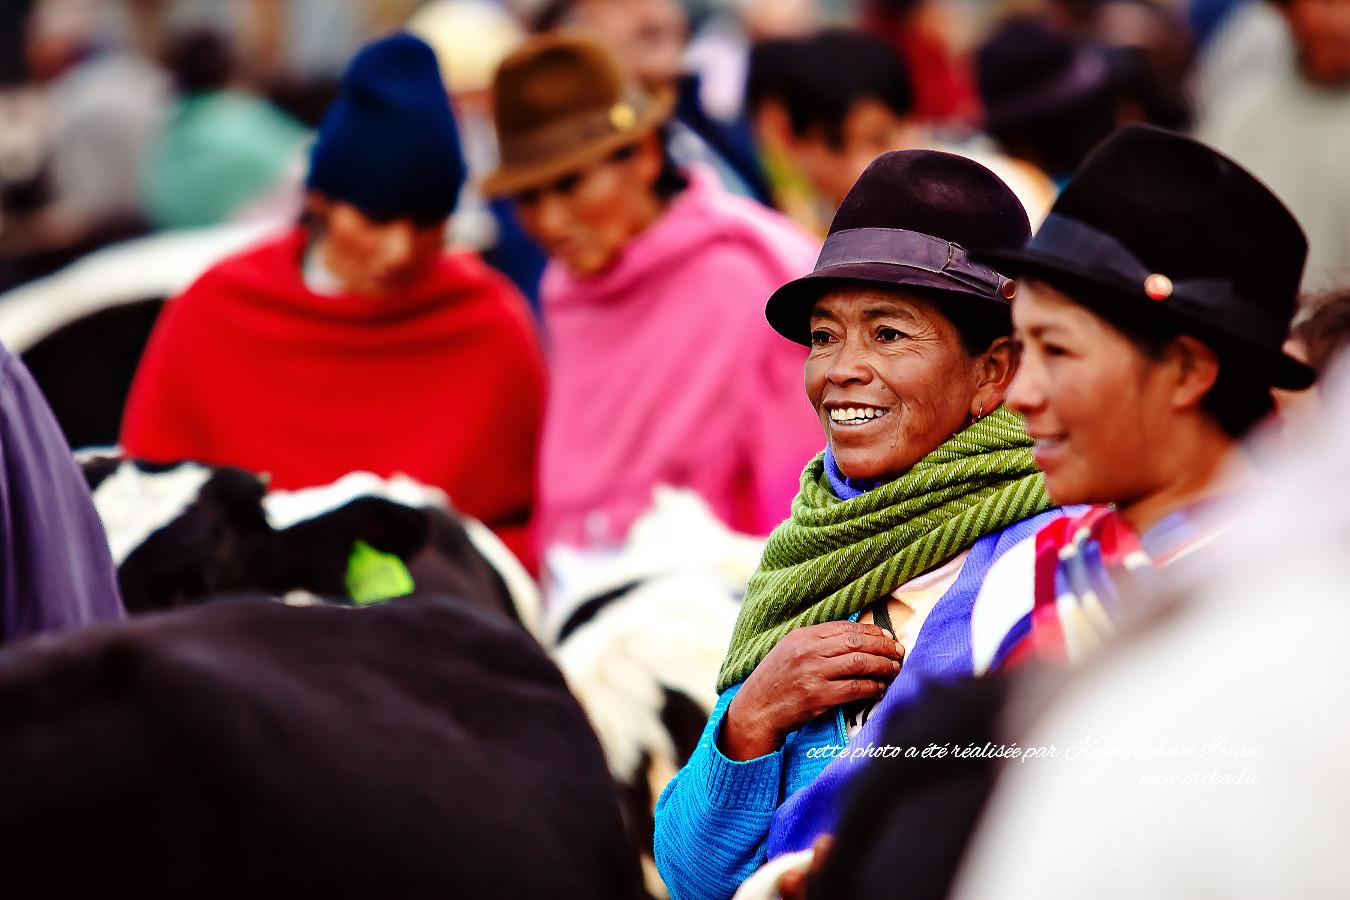 Clientèle au marché de vaches